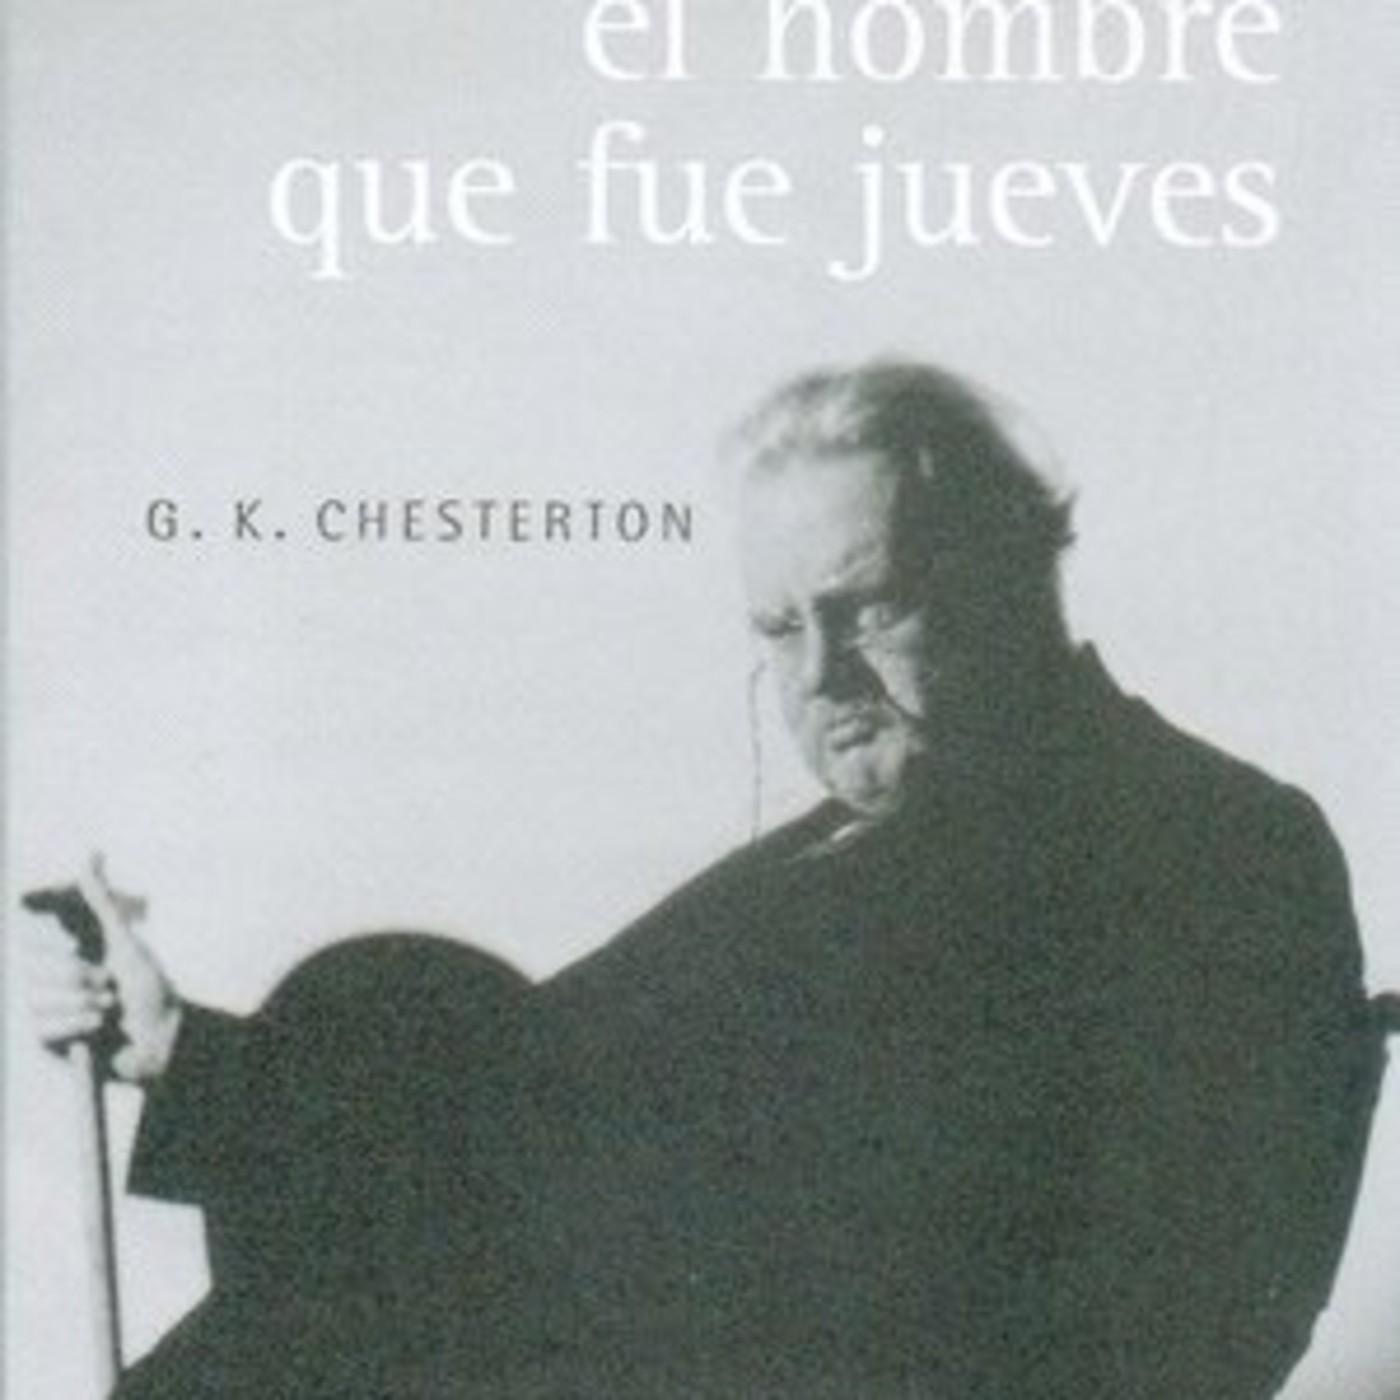 El Hombre Que Fue Jueves G K Chesterton 113 De 216